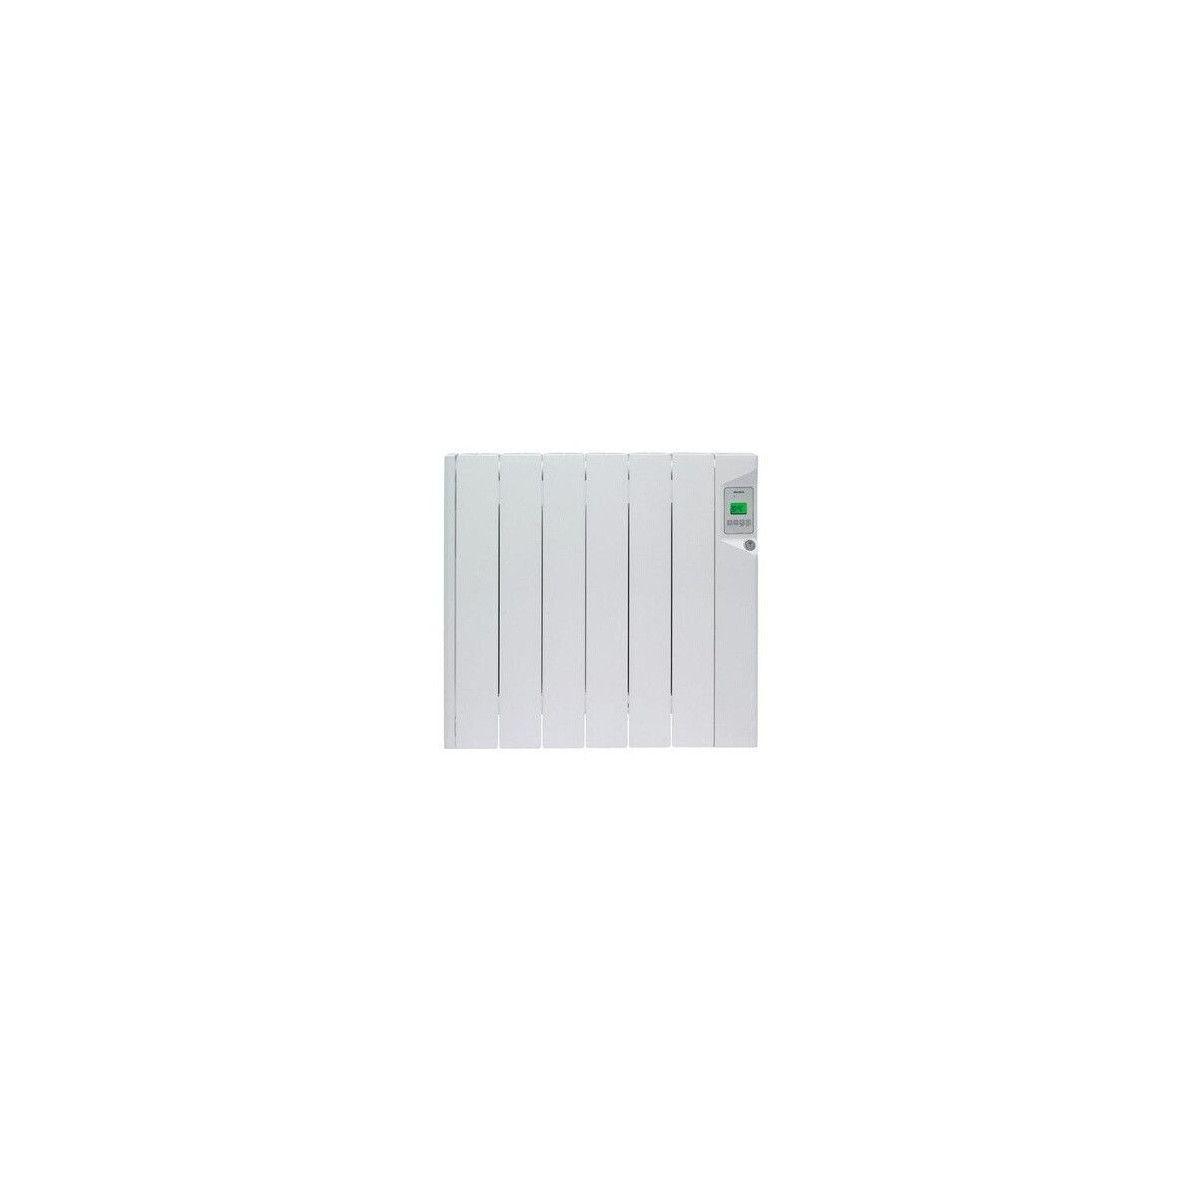 Ducasa Radiateur Electrique Mural-serie Avant-dgp-1200w-blanc Ducasa - 0.636.271